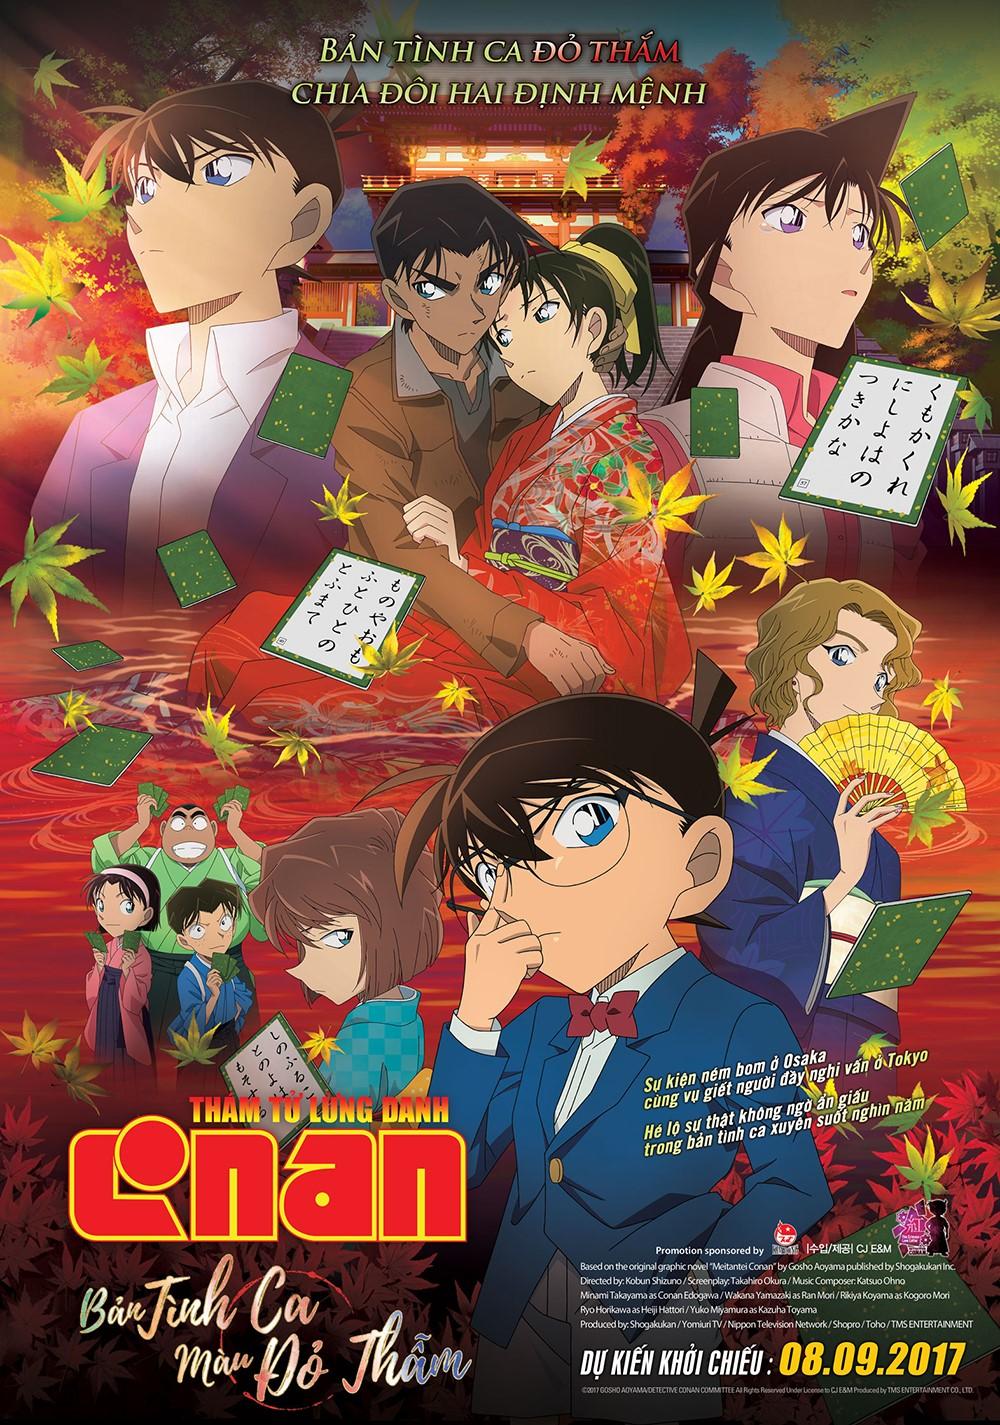 Những bộ phim không thể bỏ qua của các tín đồ anime - Ảnh 2.